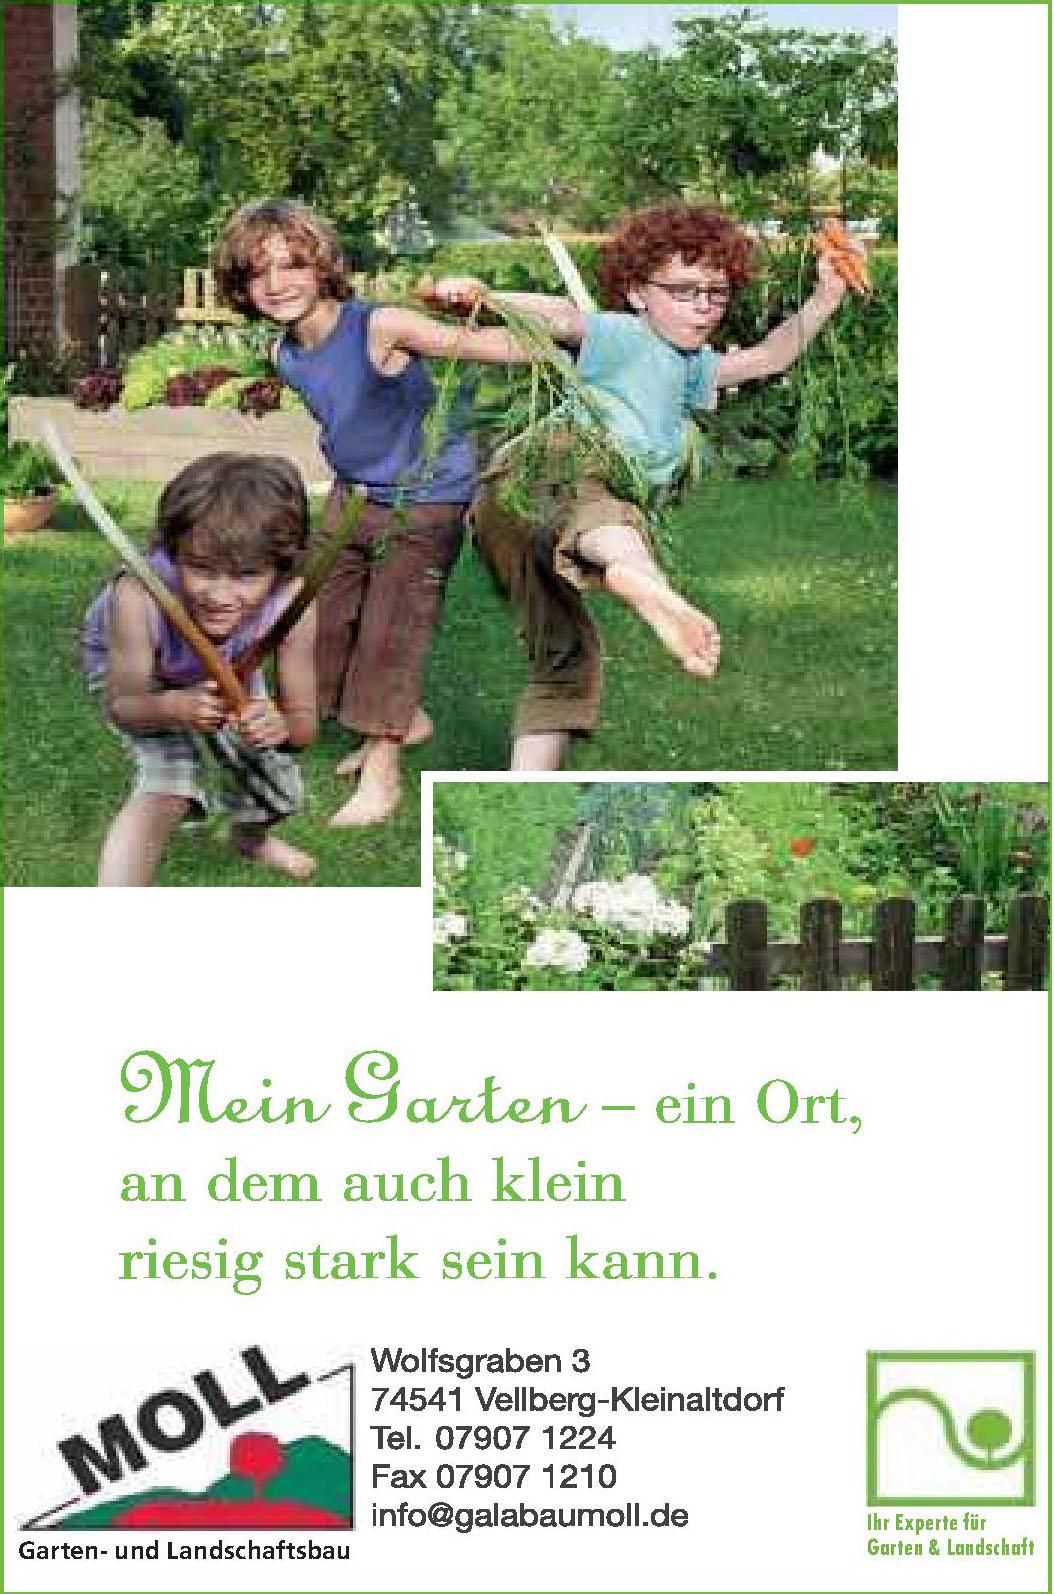 Moll Garten- und Landschaftsbau